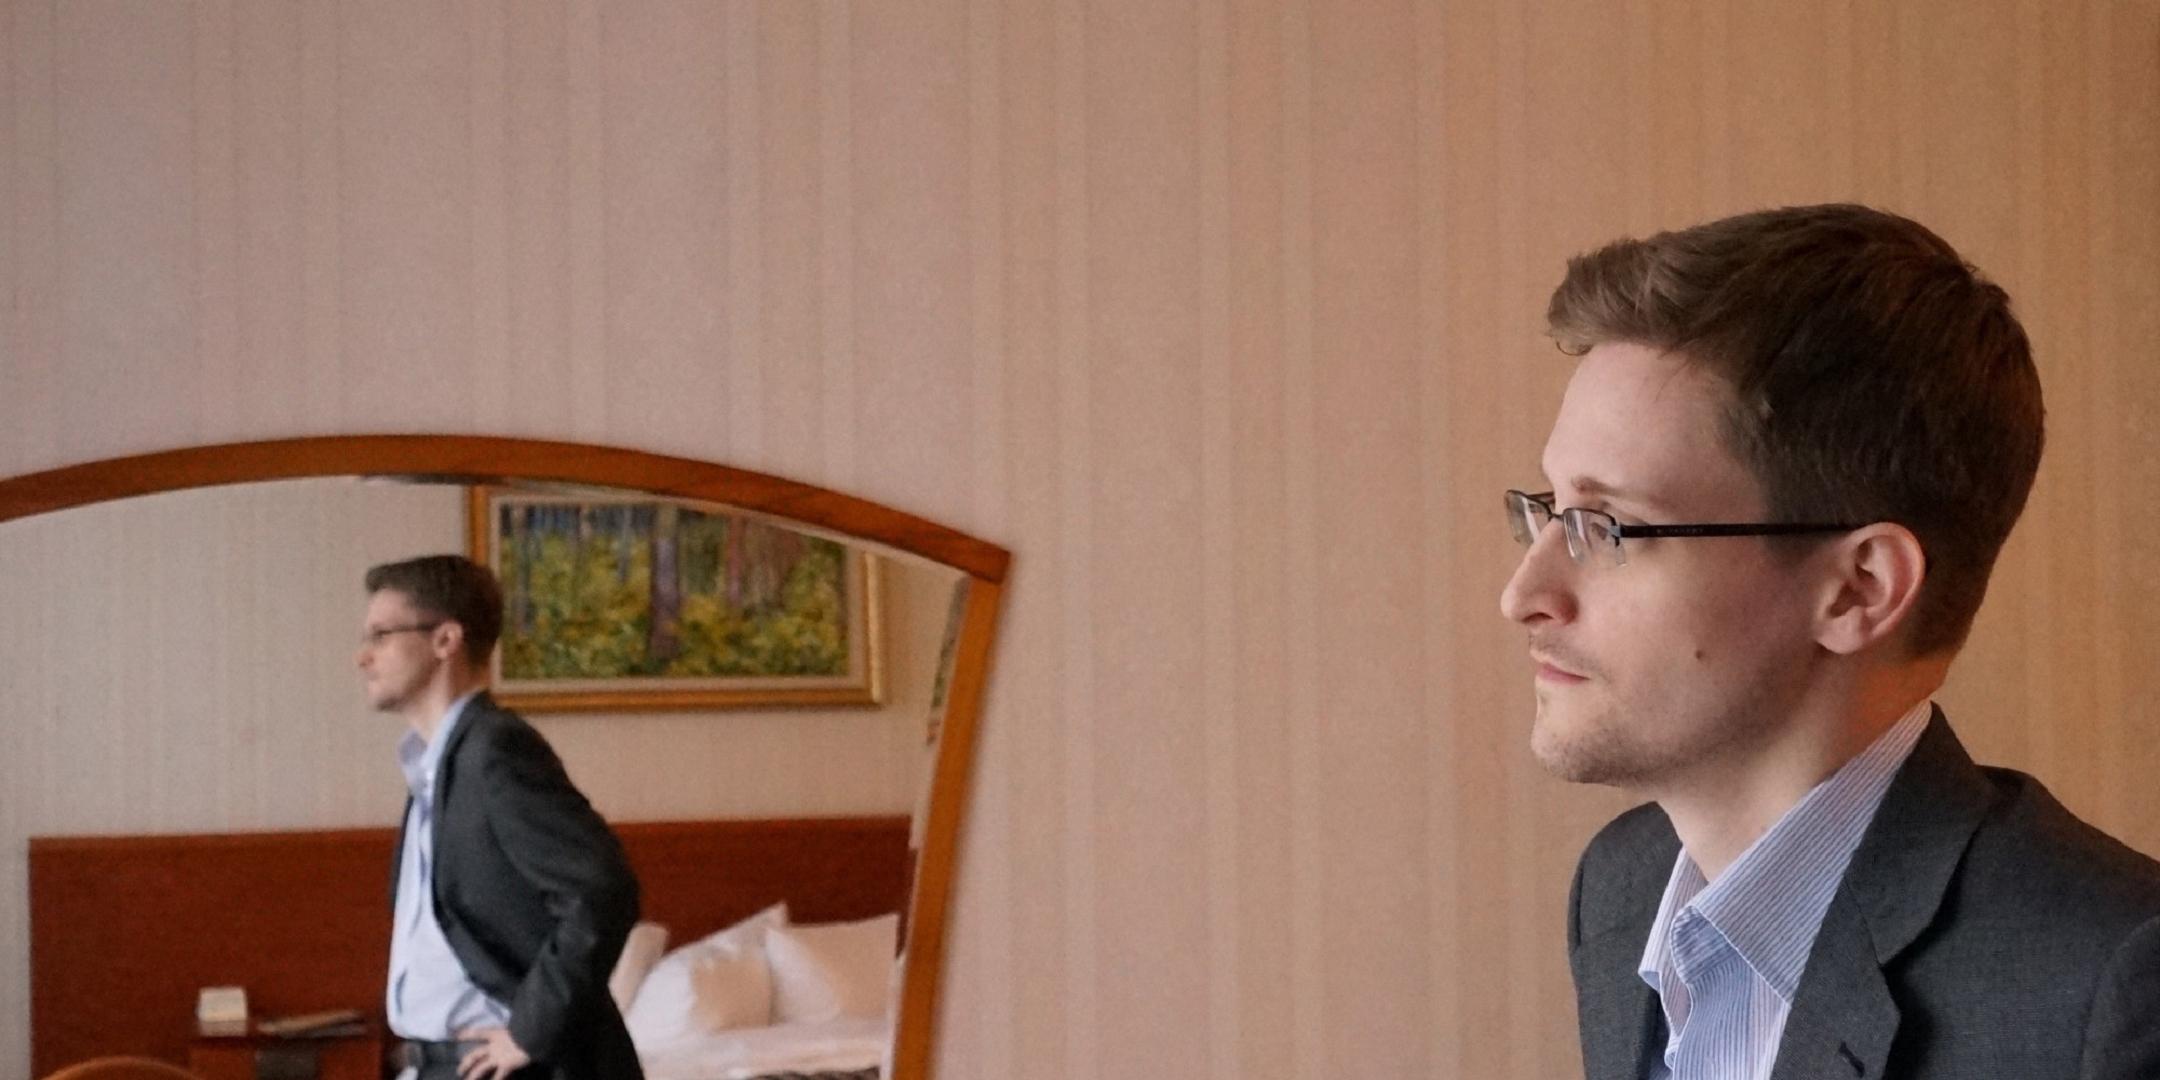 Edward Snowden Hd Background